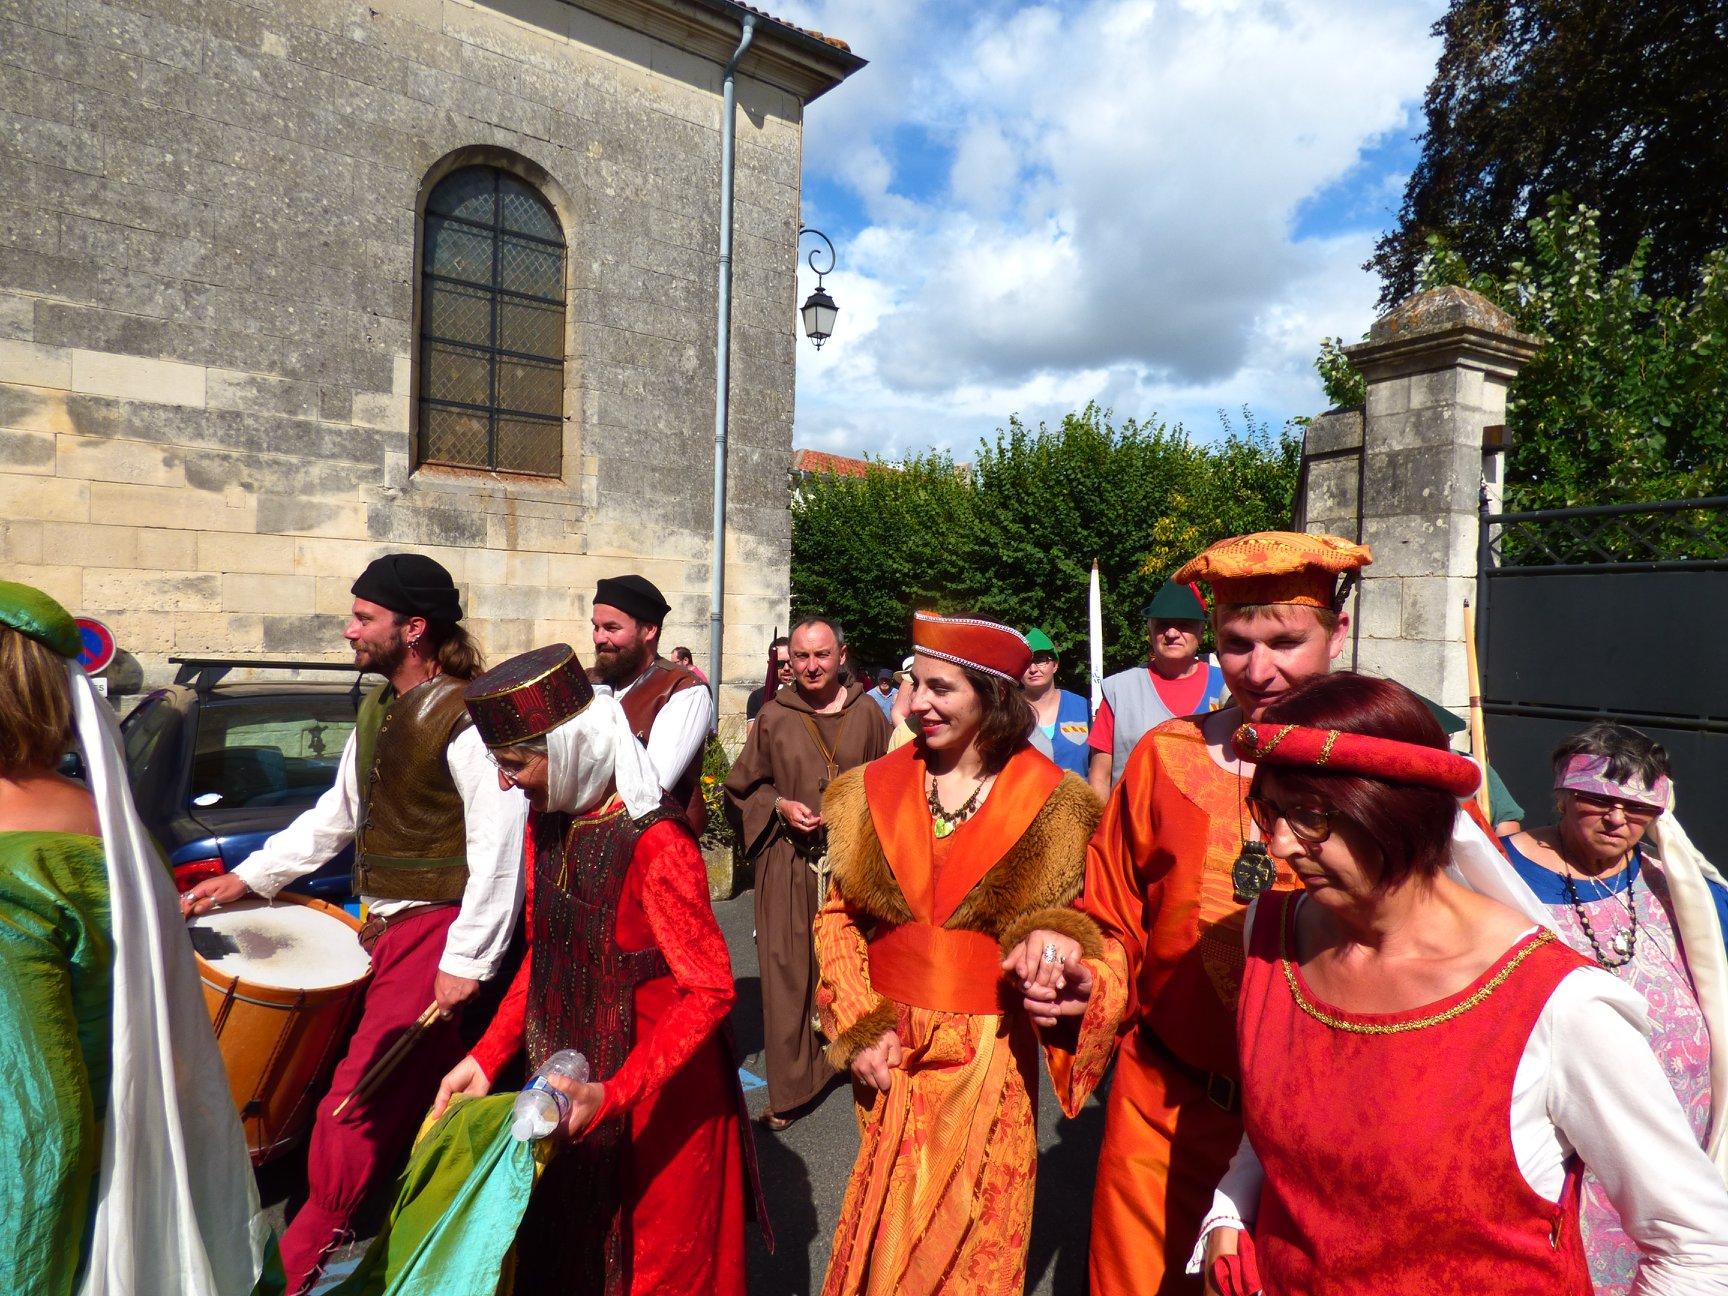 Fête médiévale Pons juillet 2018 - 26